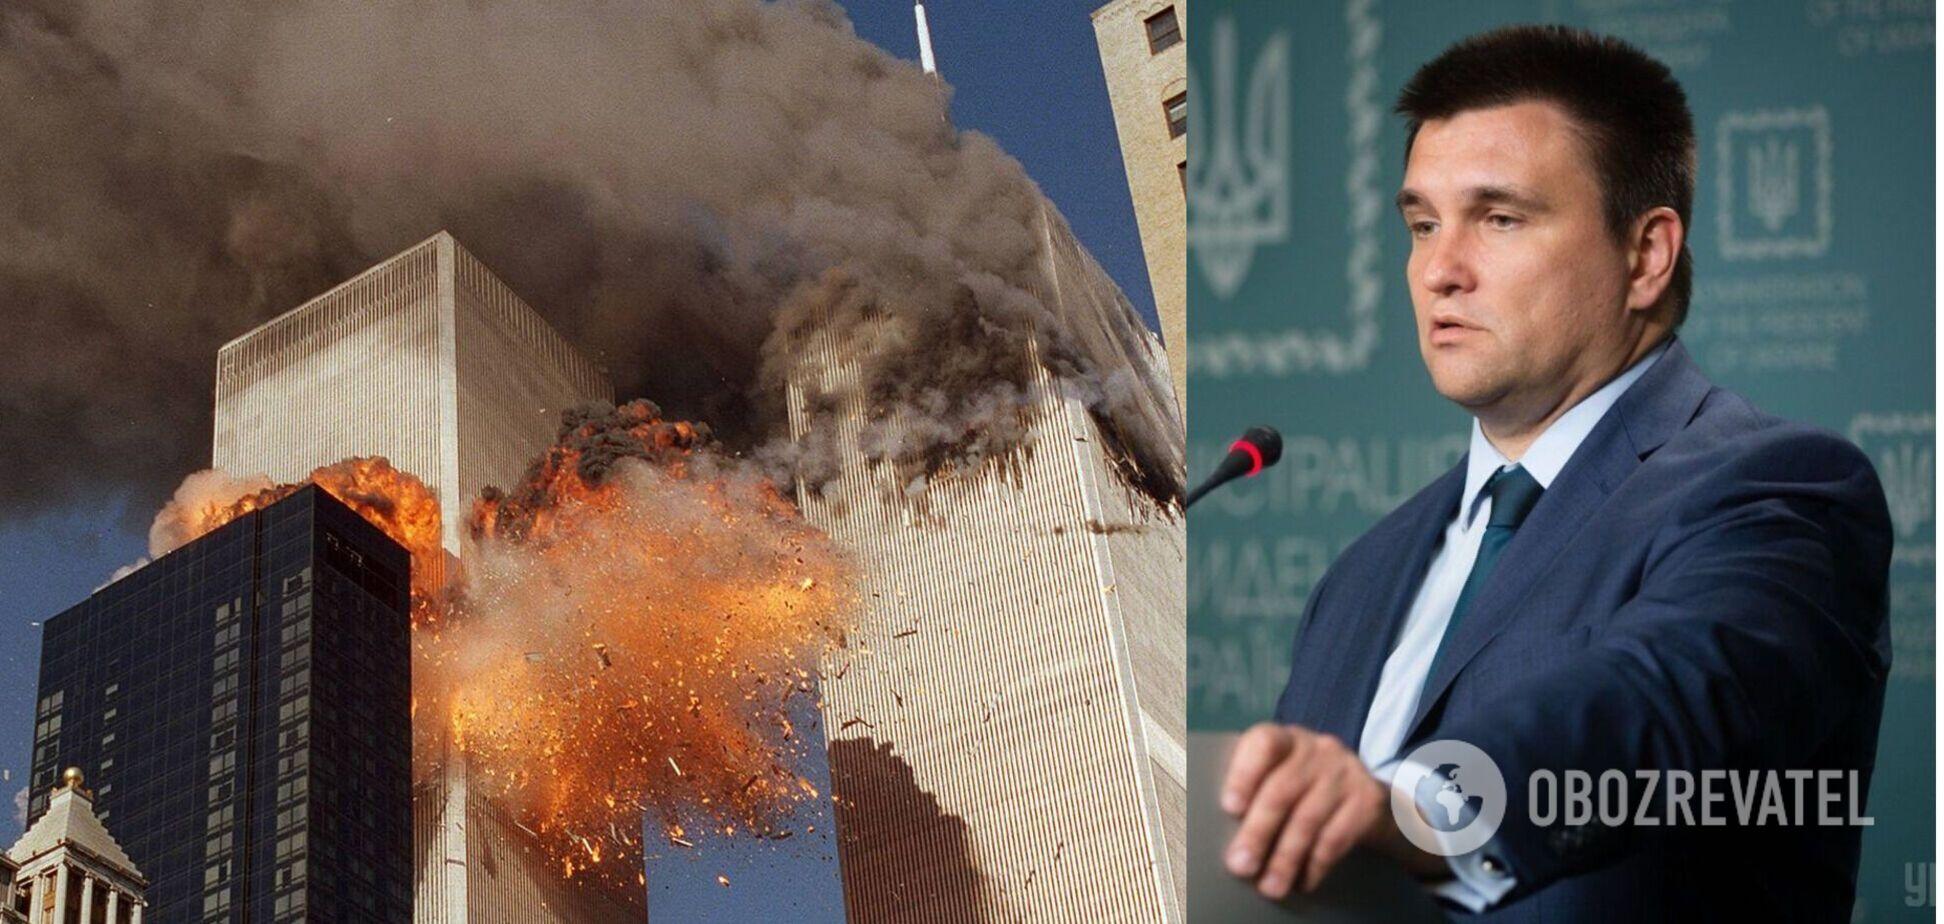 Климкин высказался о терактах в США в 2001 году